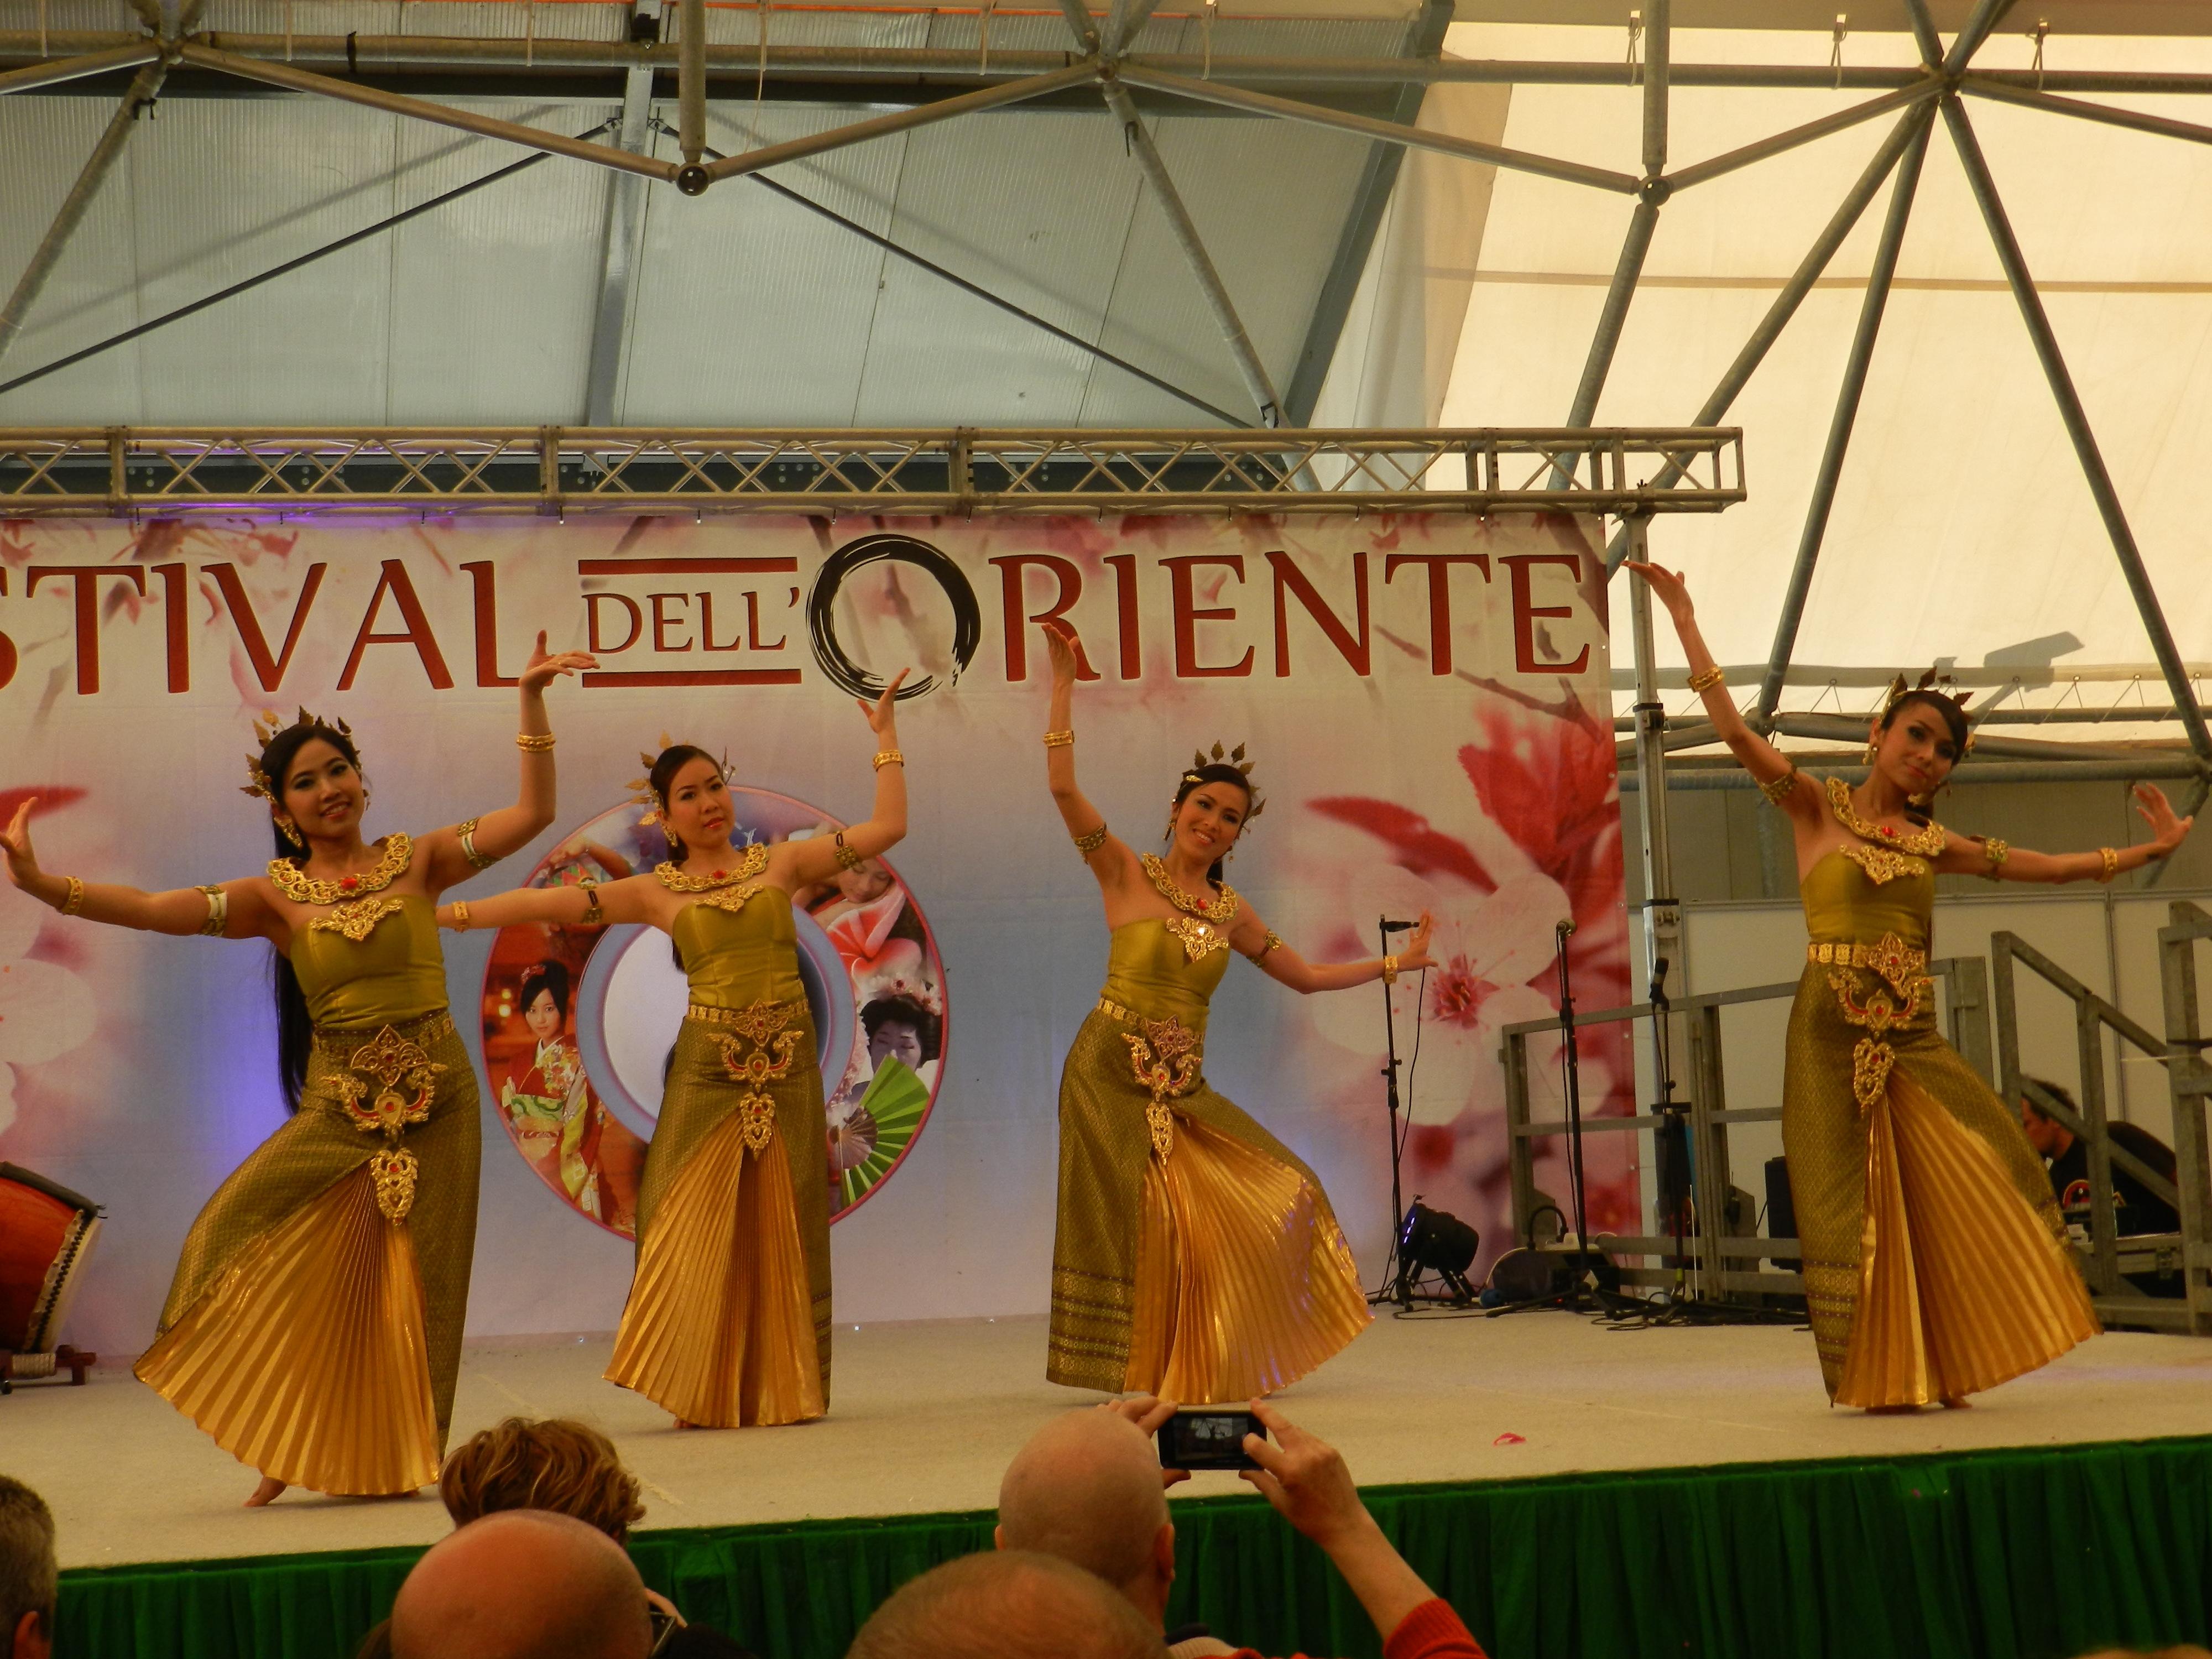 FESTIVAL DELL'ORIENTE NOVEGRO